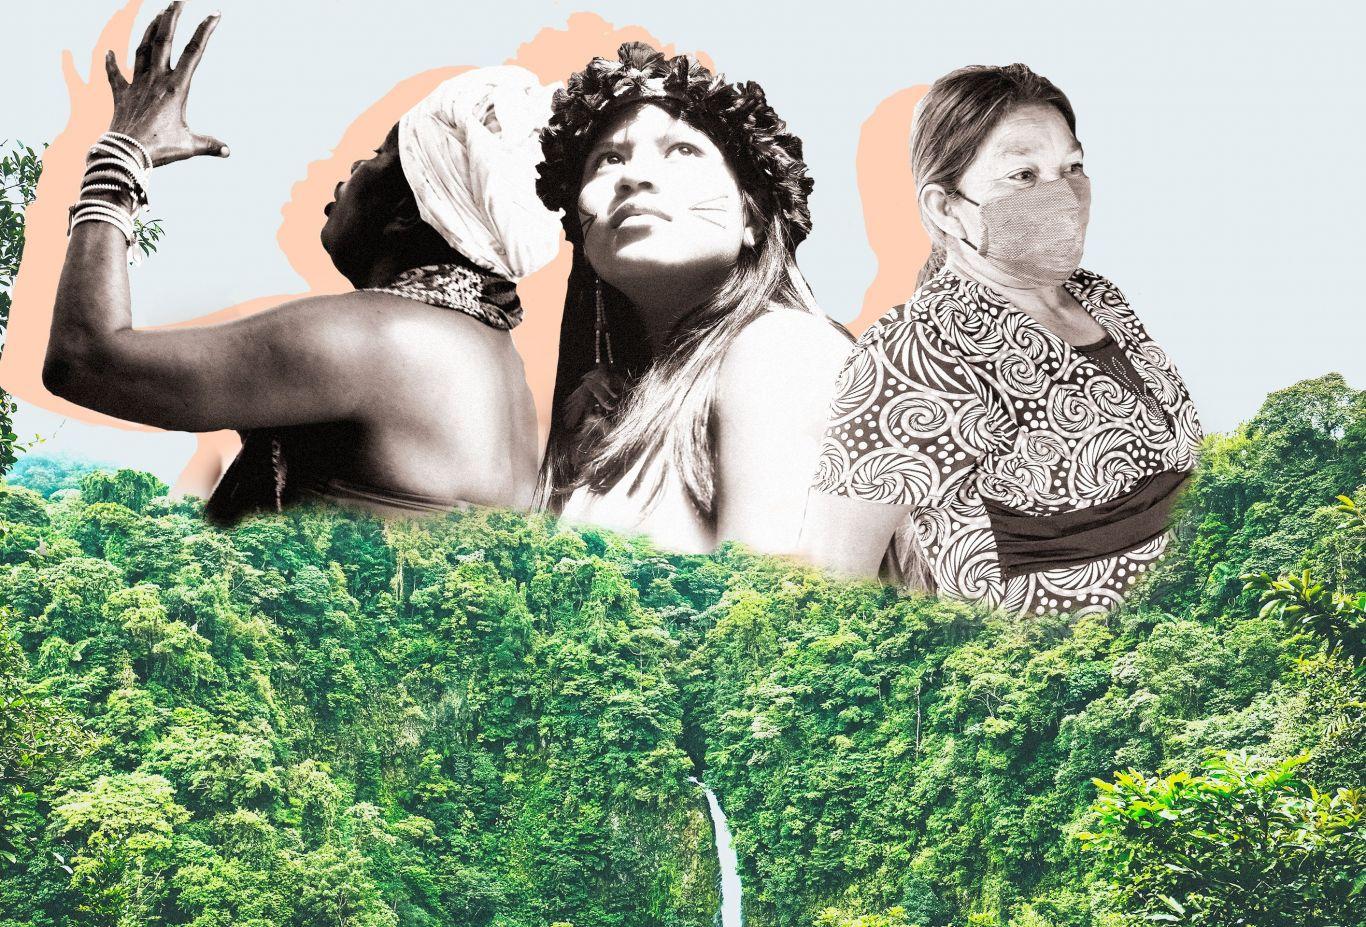 Modefica lança bolsas de reportagem sobre clima e gênero na Amazônia